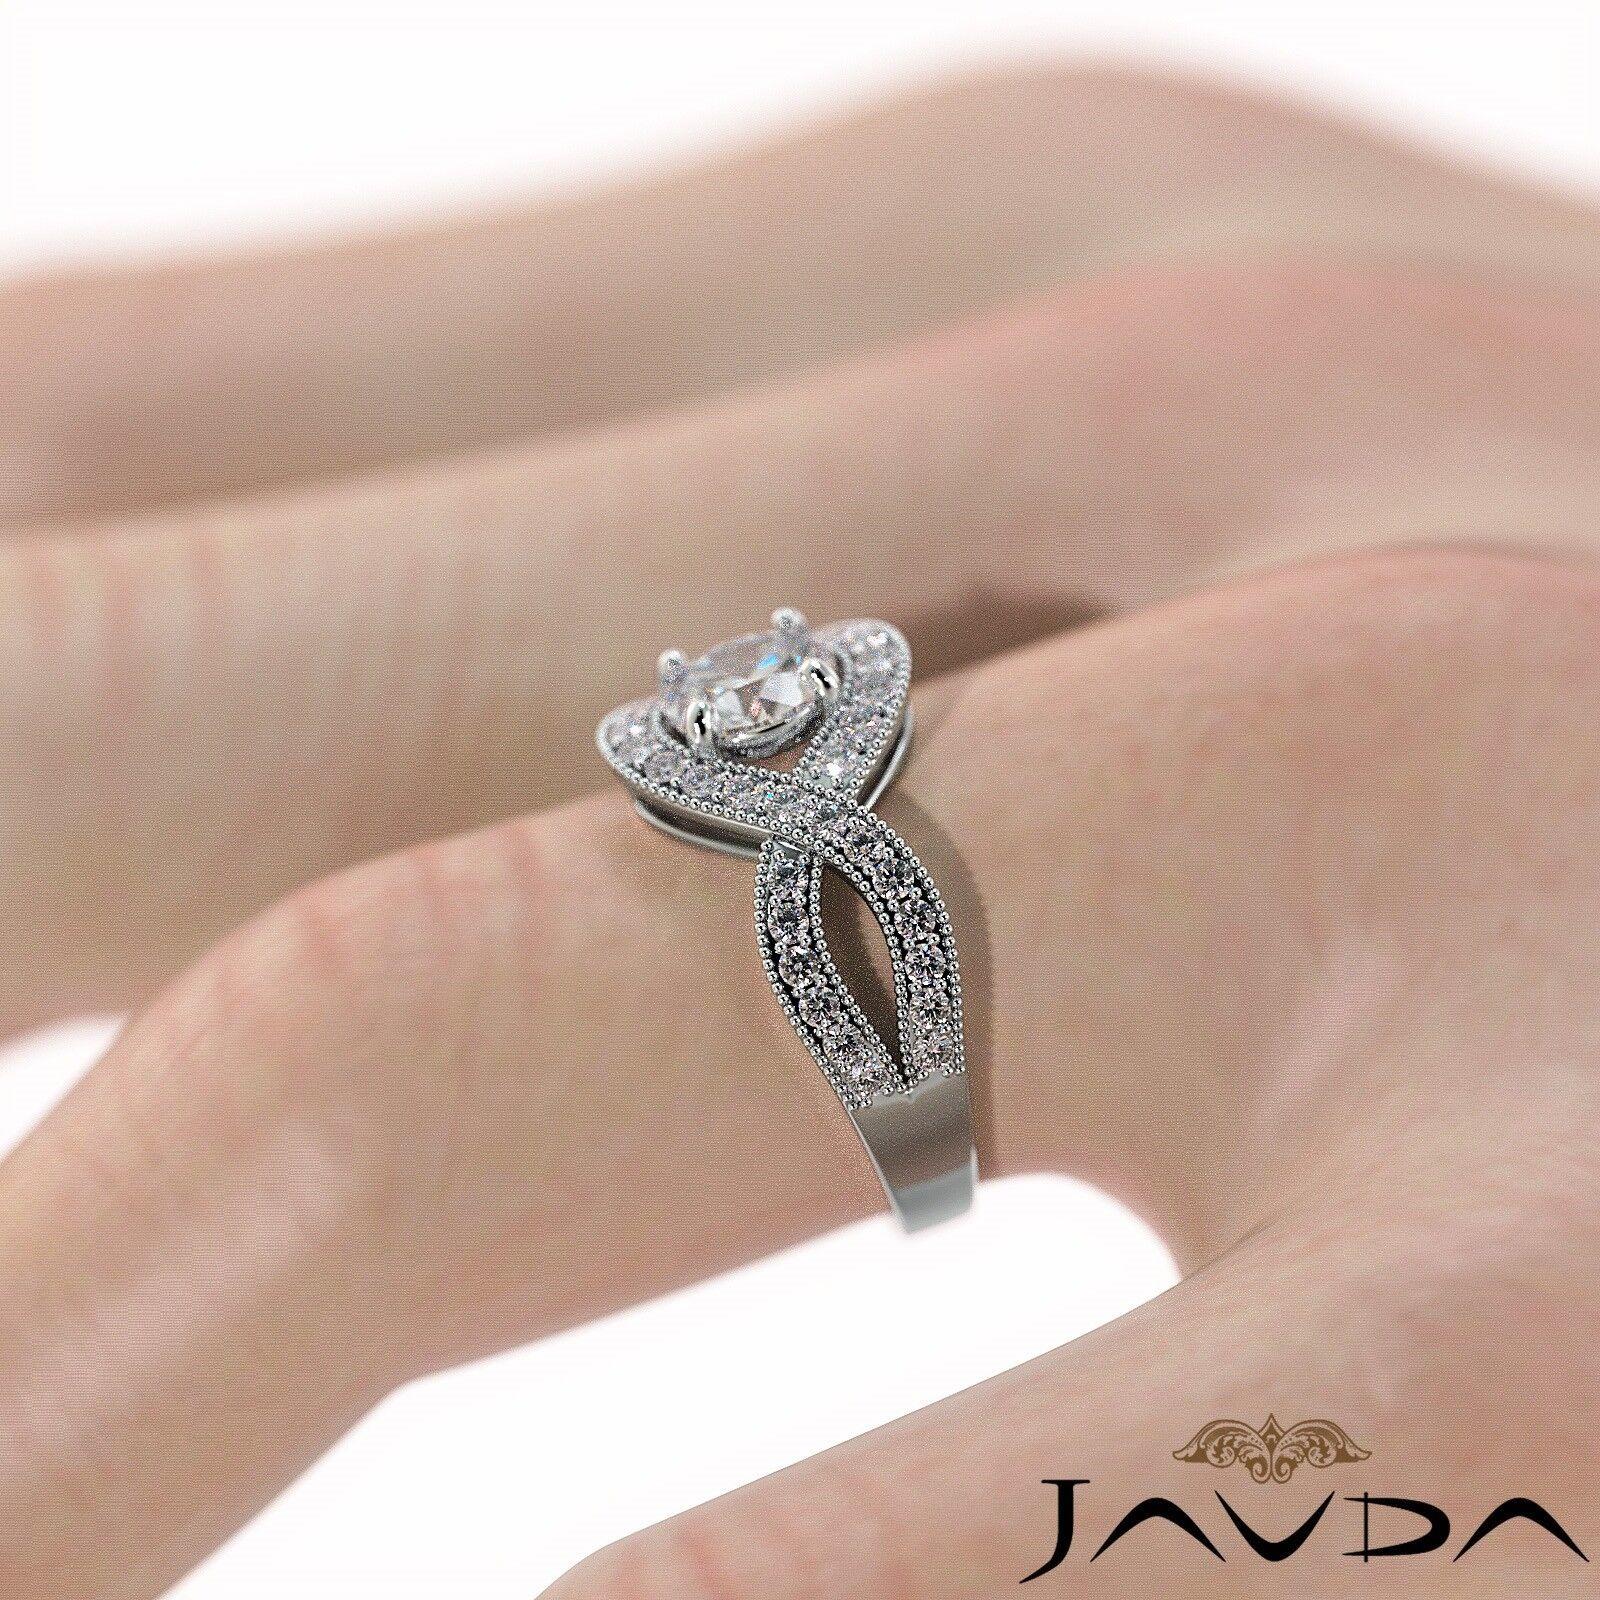 1.25ctw Milgrain Halo Side Stone Round Diamond Engagement Ring GIA G-VS1 W Gold 5